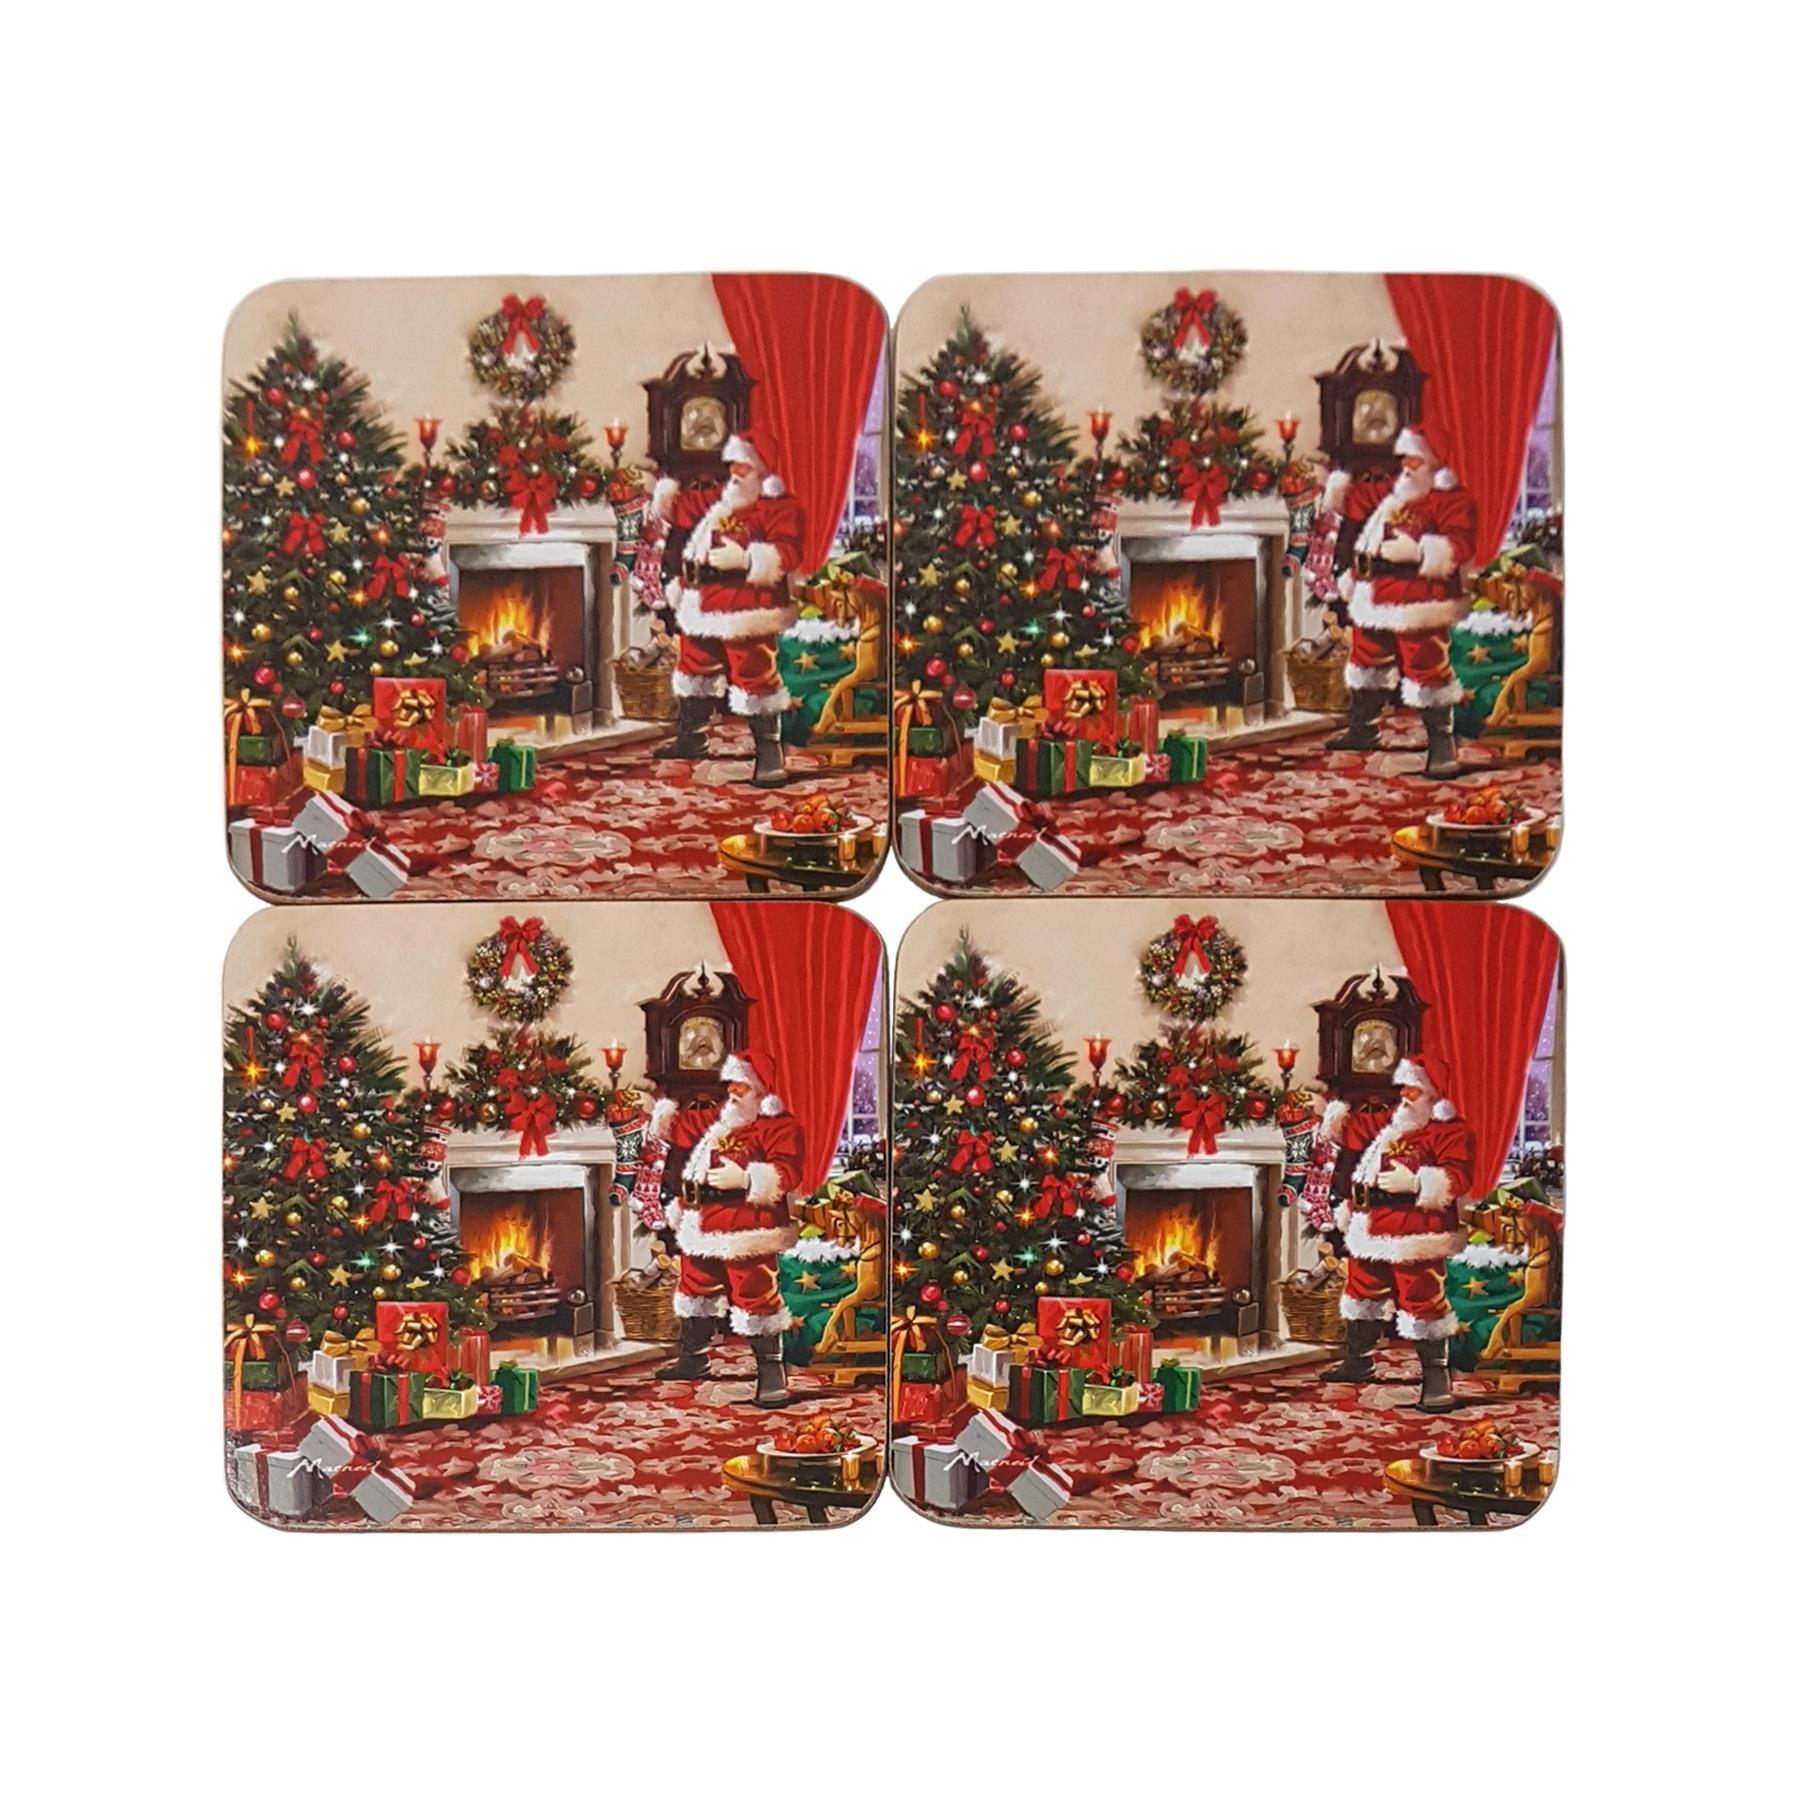 Babbo 4 Natale.4 X Babbo Natale Babbo Albero Fuoco Decorazioni Sughero Cena Sottobicchieri Ebay